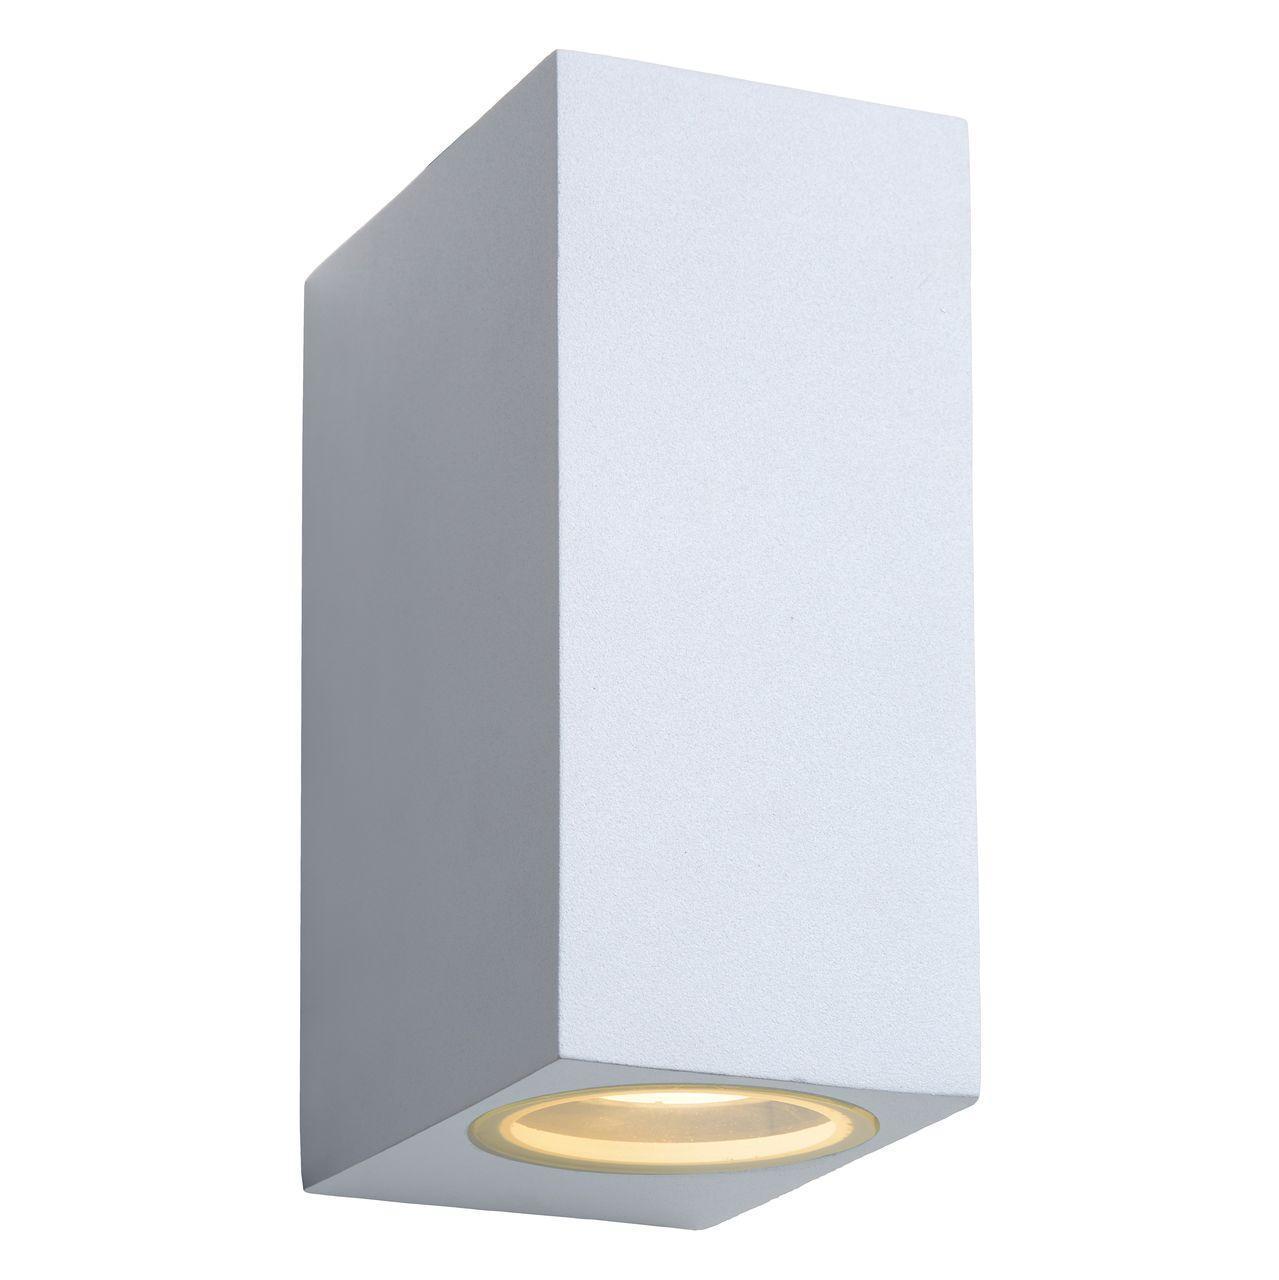 Уличный настенный светильник Lucide Zora Led 22860/10/31 светильник настенный philips 15387 31 16